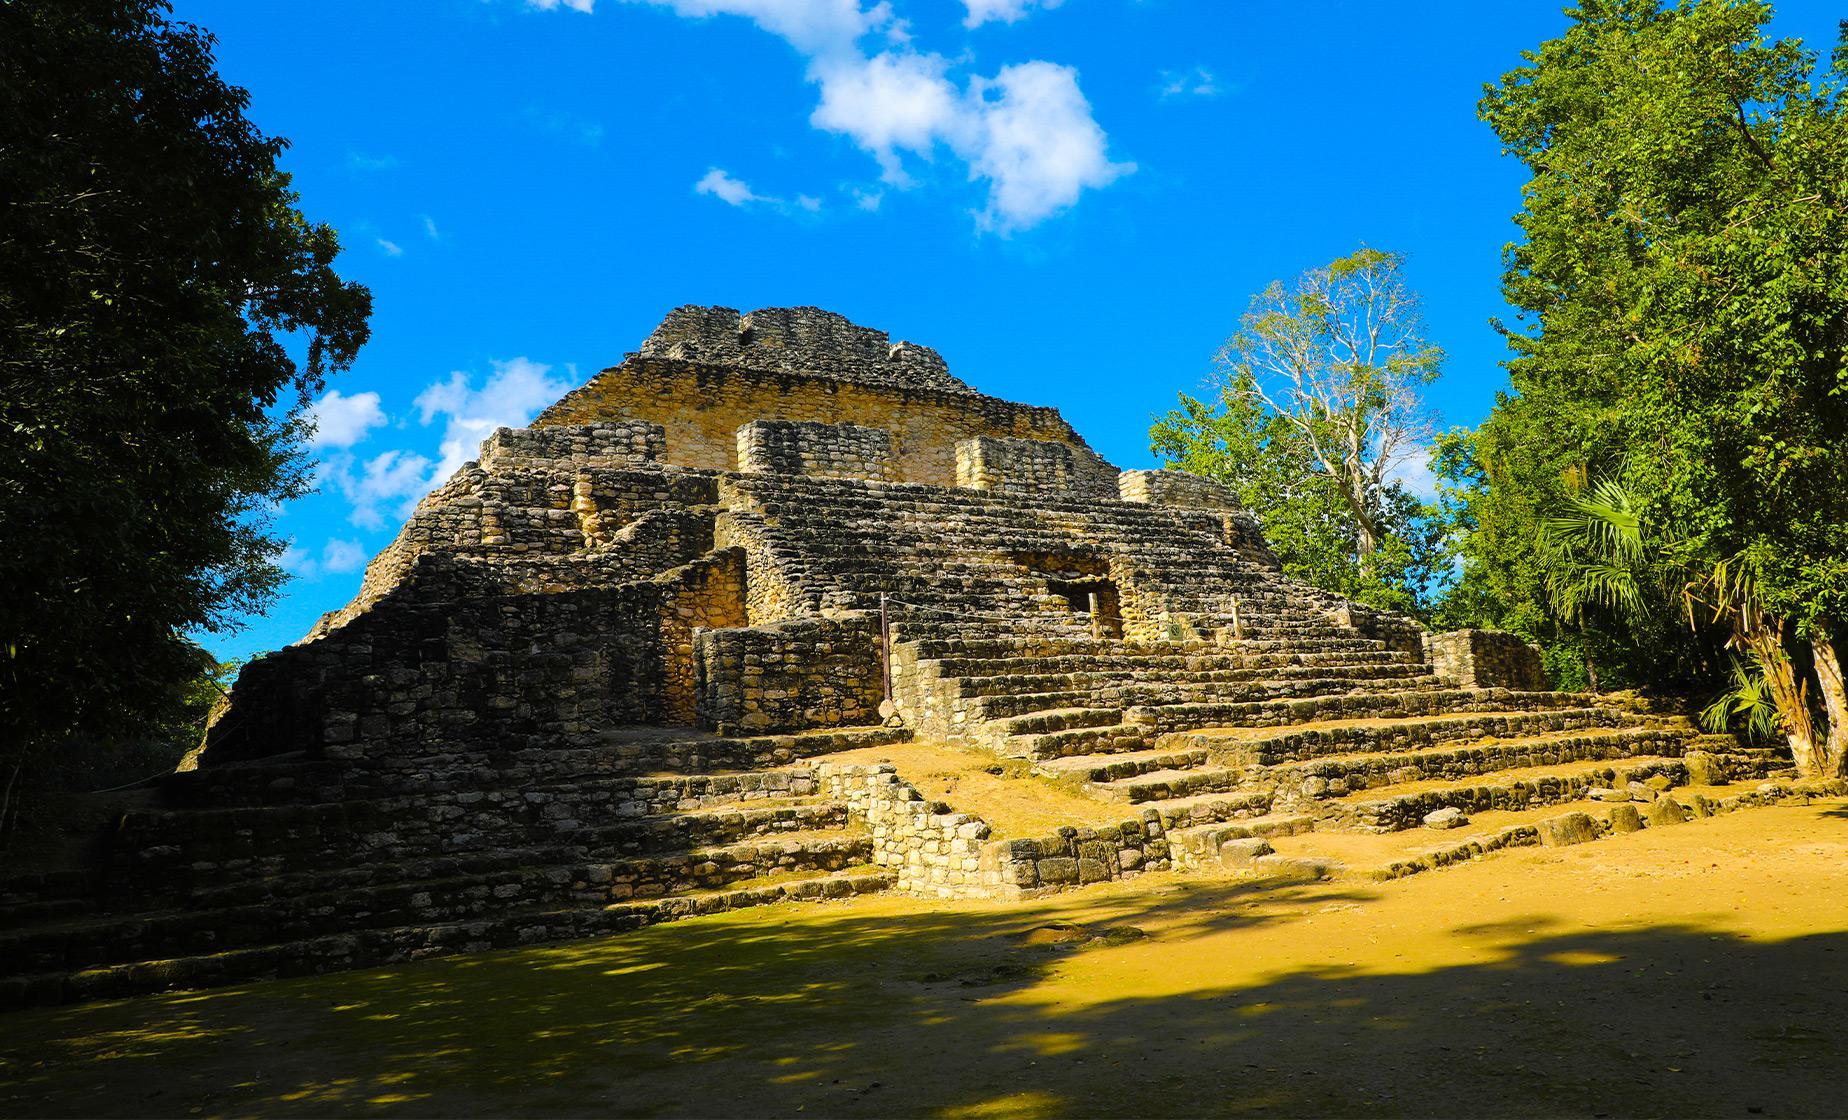 Chacchoben Mayan Ruins Tour History in Costa Maya Seven Color Lagoon (Lake Bacalar)